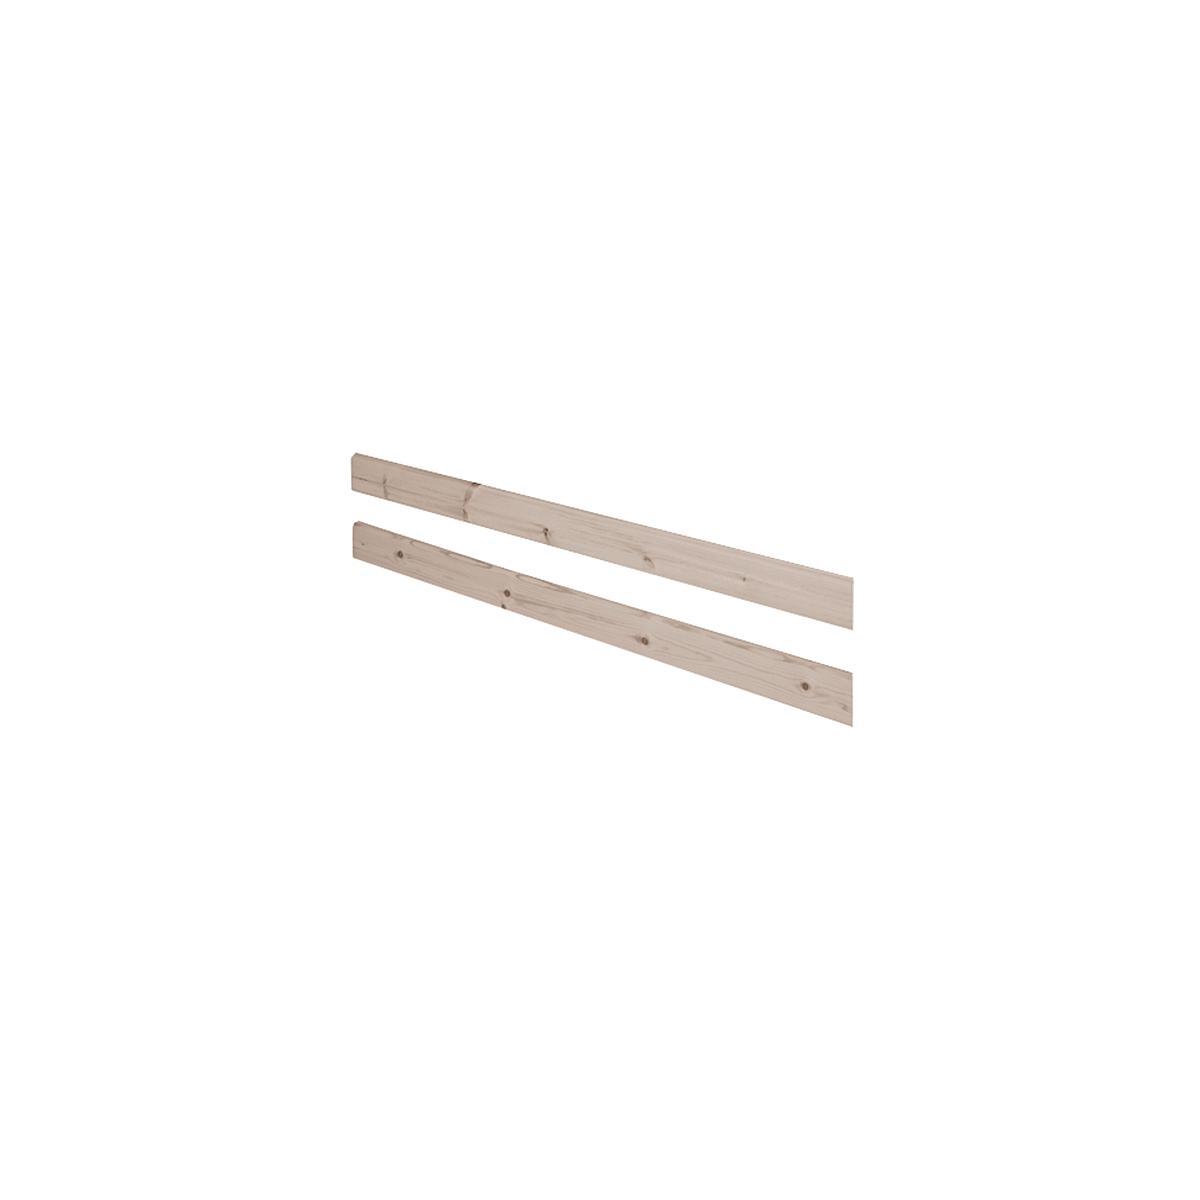 Barrera posterior Cama 190cm CLASSIC Flexa terra